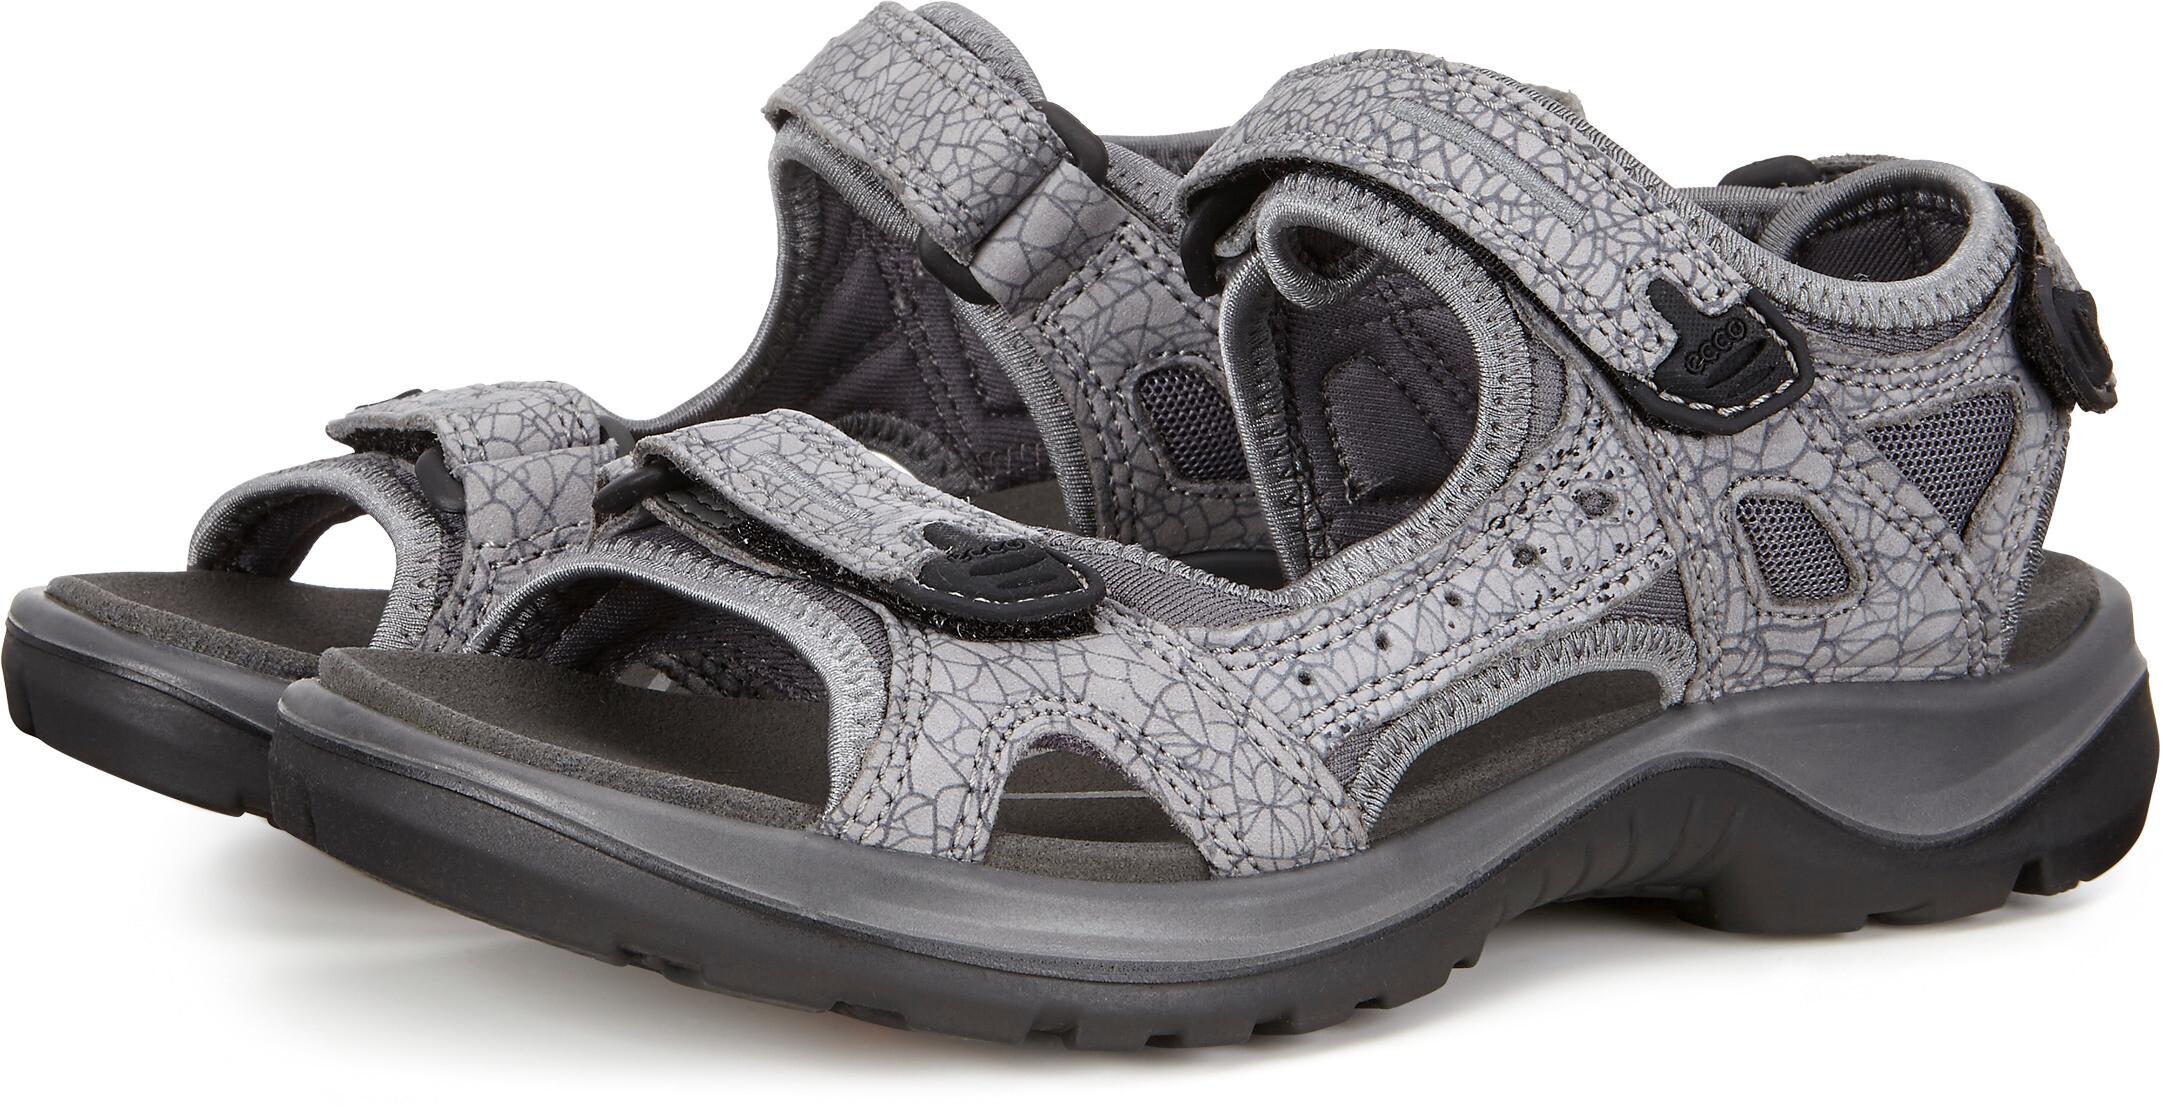 853cedc9fd9 ECCO Offroad Sandaler Damer grå | Find outdoortøj, sko & udstyr på ...